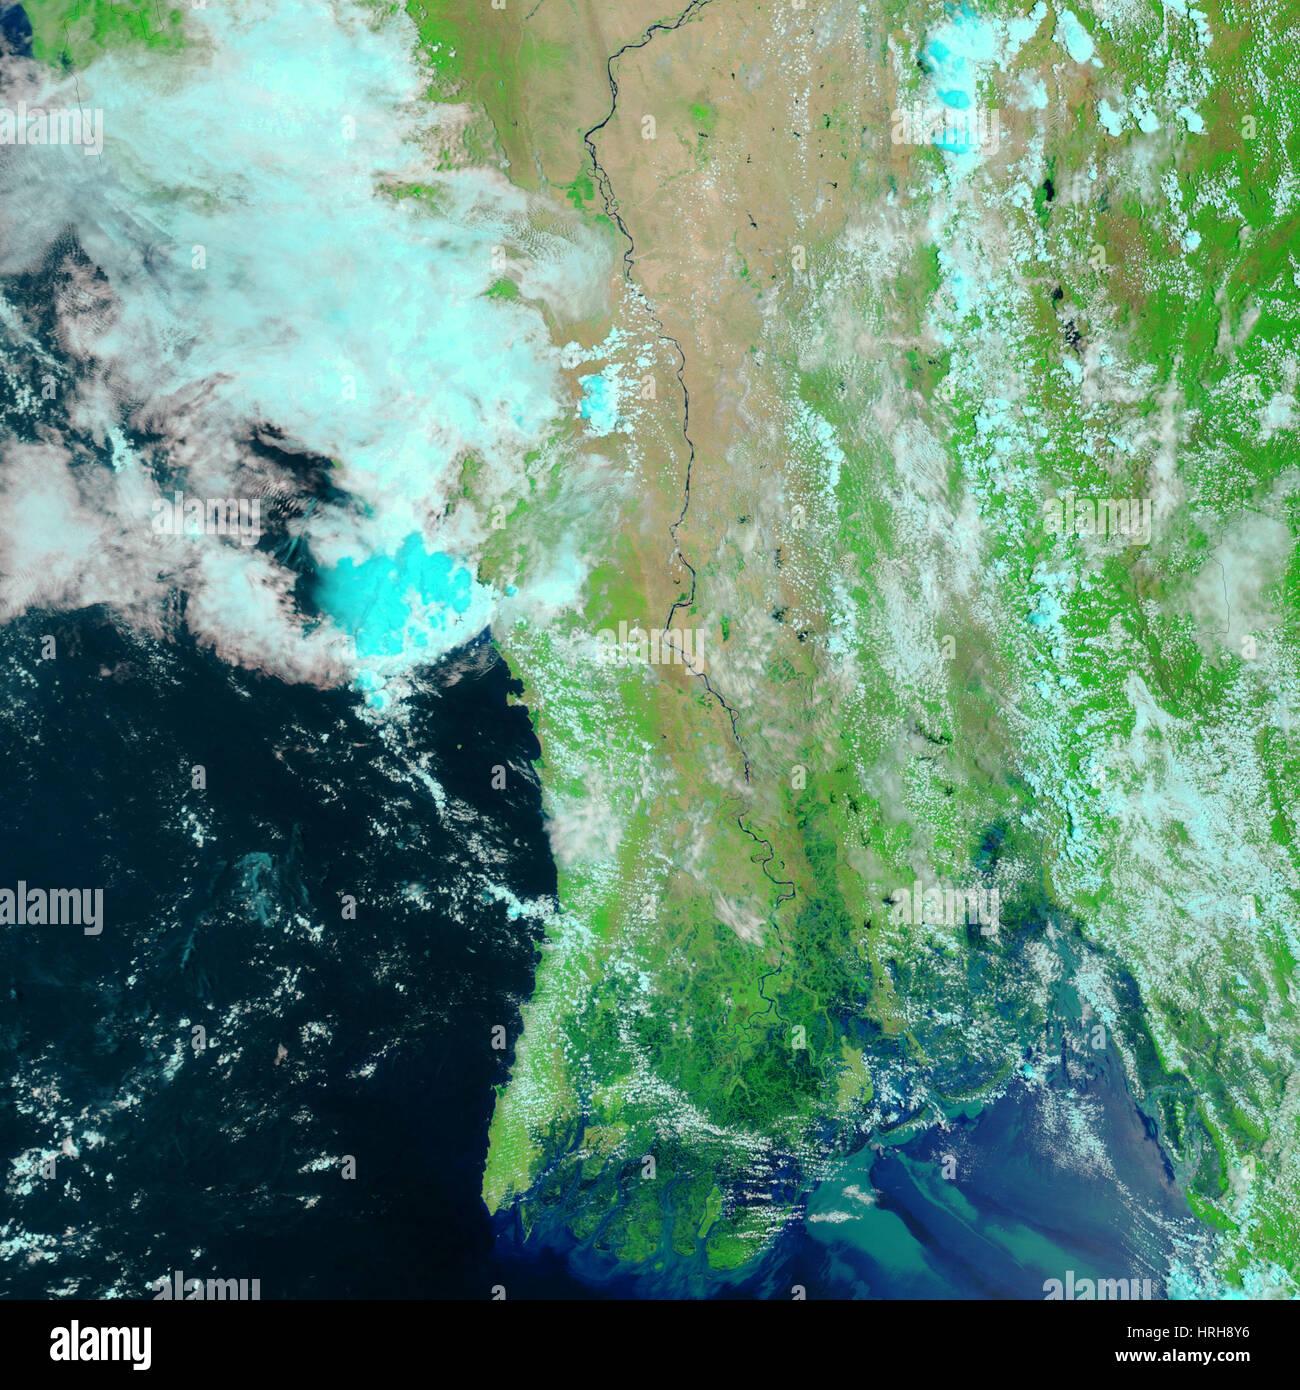 Cyclone Nargis, After Landfall, MODIS Image - Stock Image